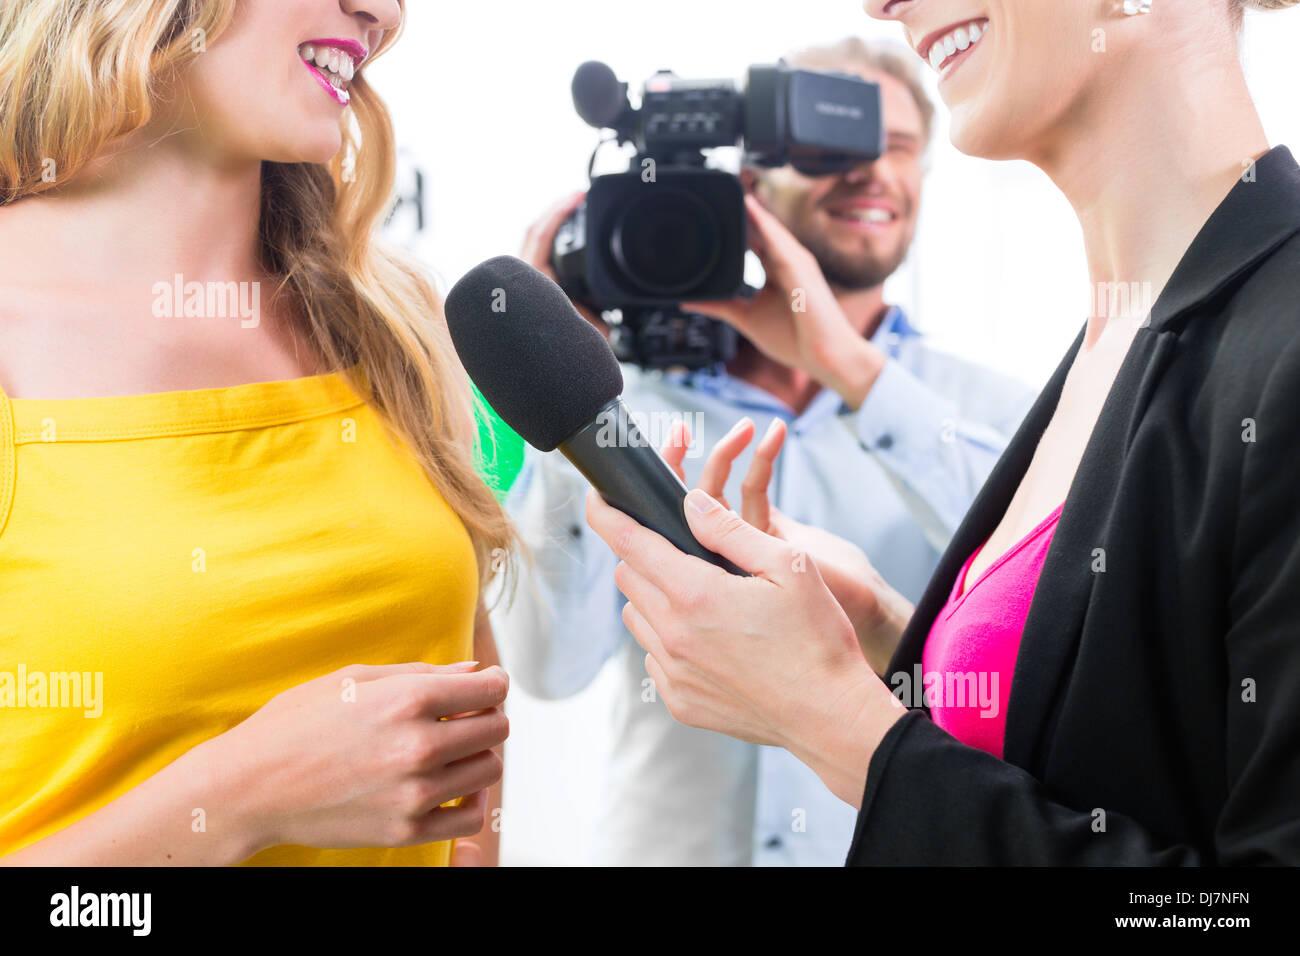 Reporter und Kameramann Film schießen Schauspielerin Interview am Filmset für TV oder Fernsehen Stockbild